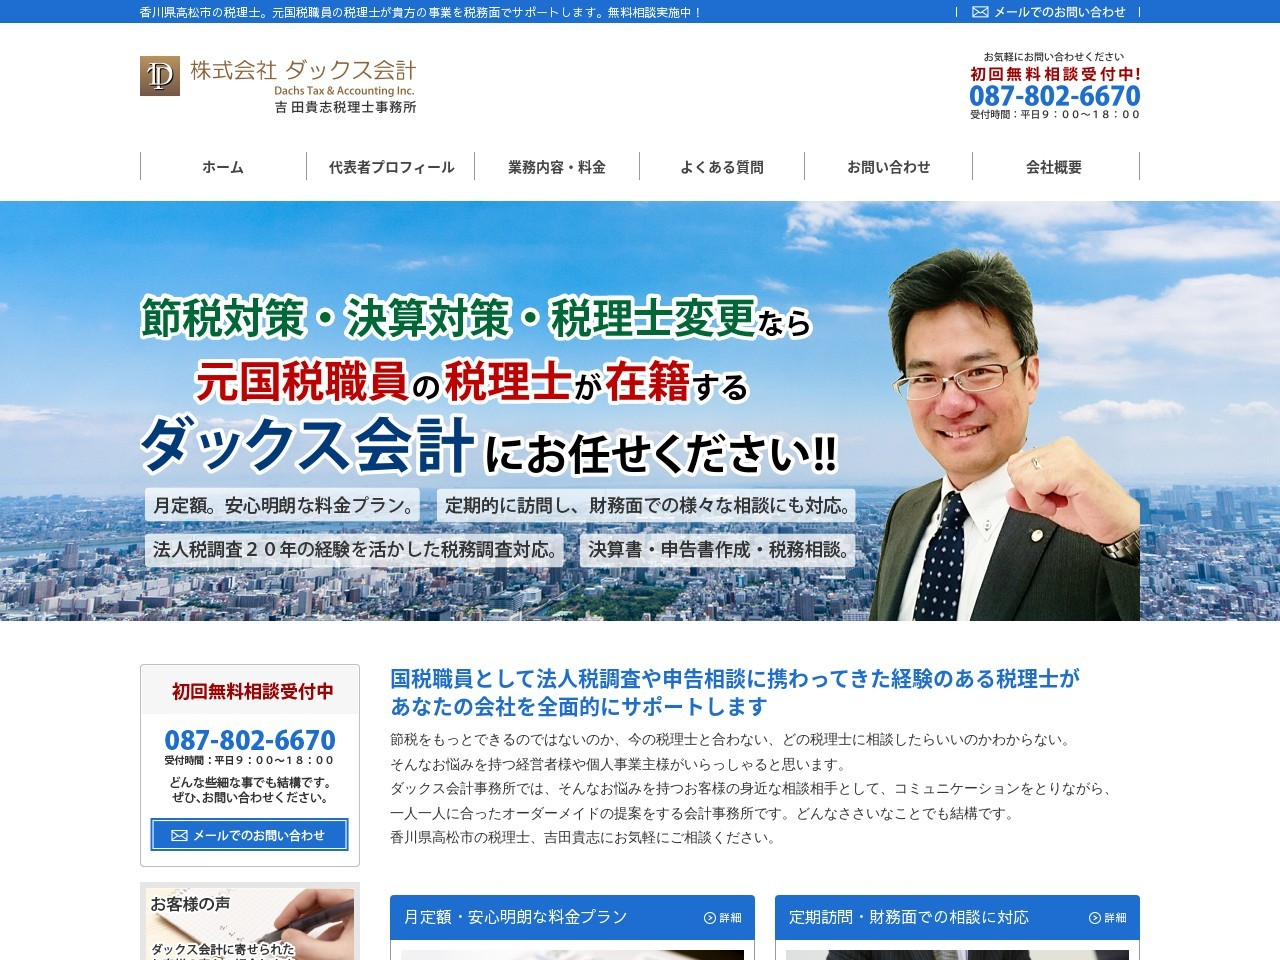 吉田貴志税理士事務所